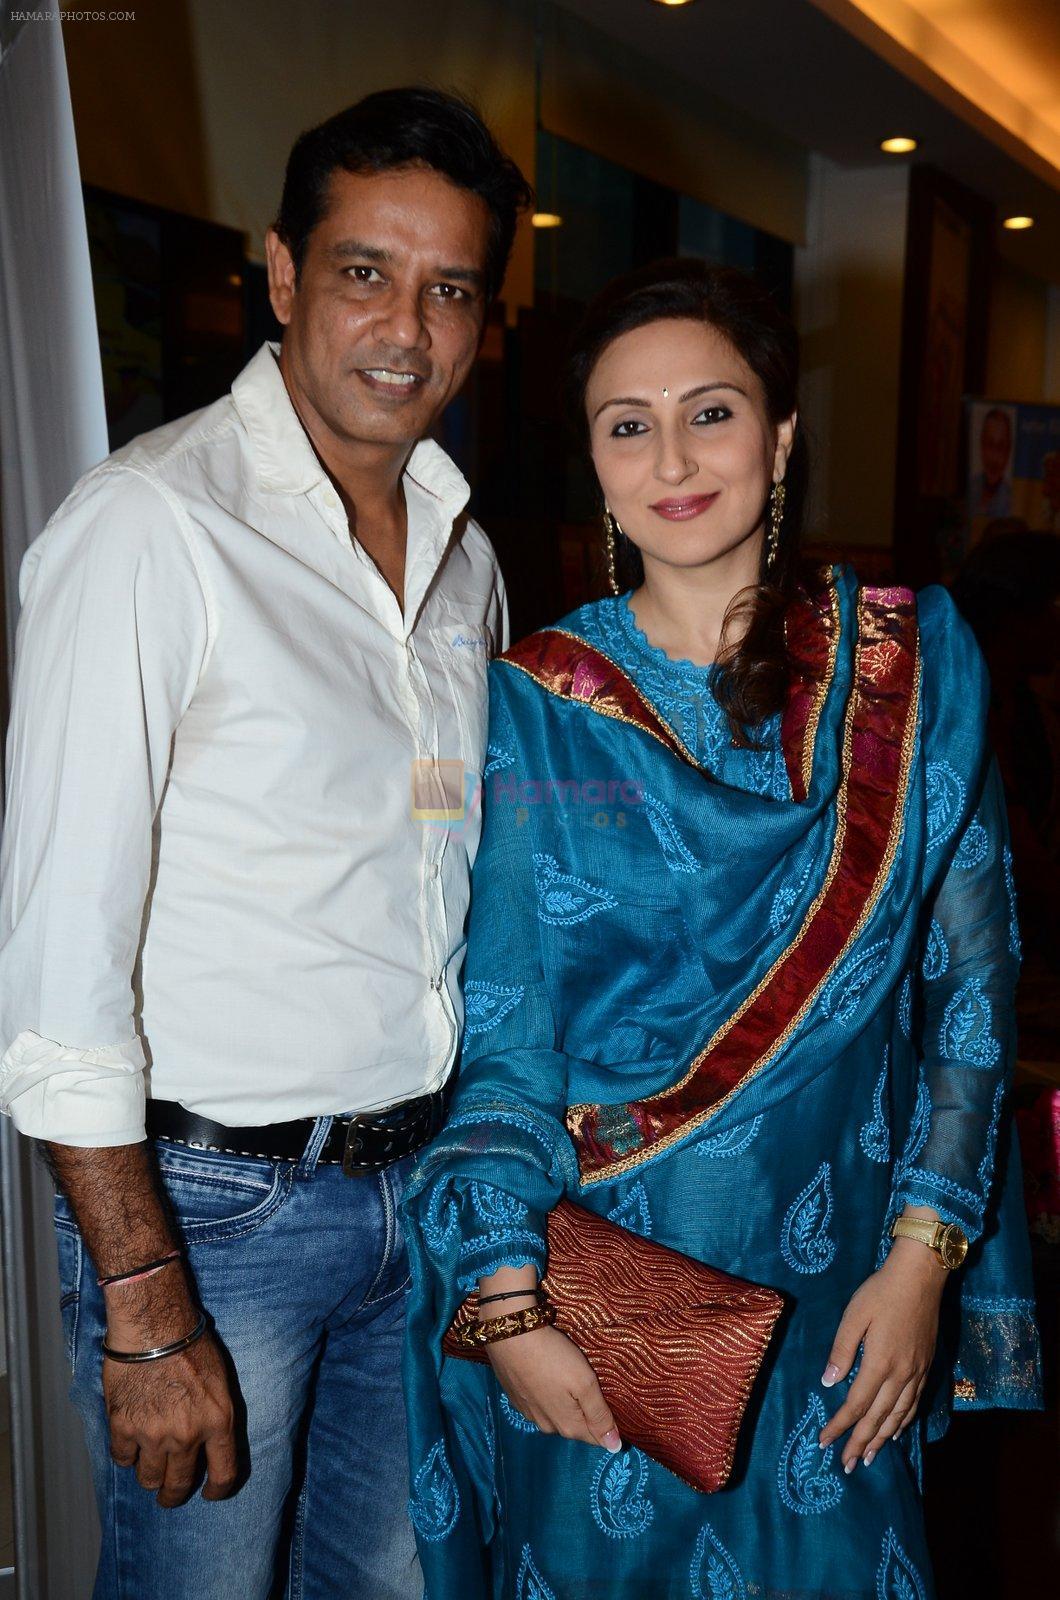 Anup Soni & Juhi Babbar